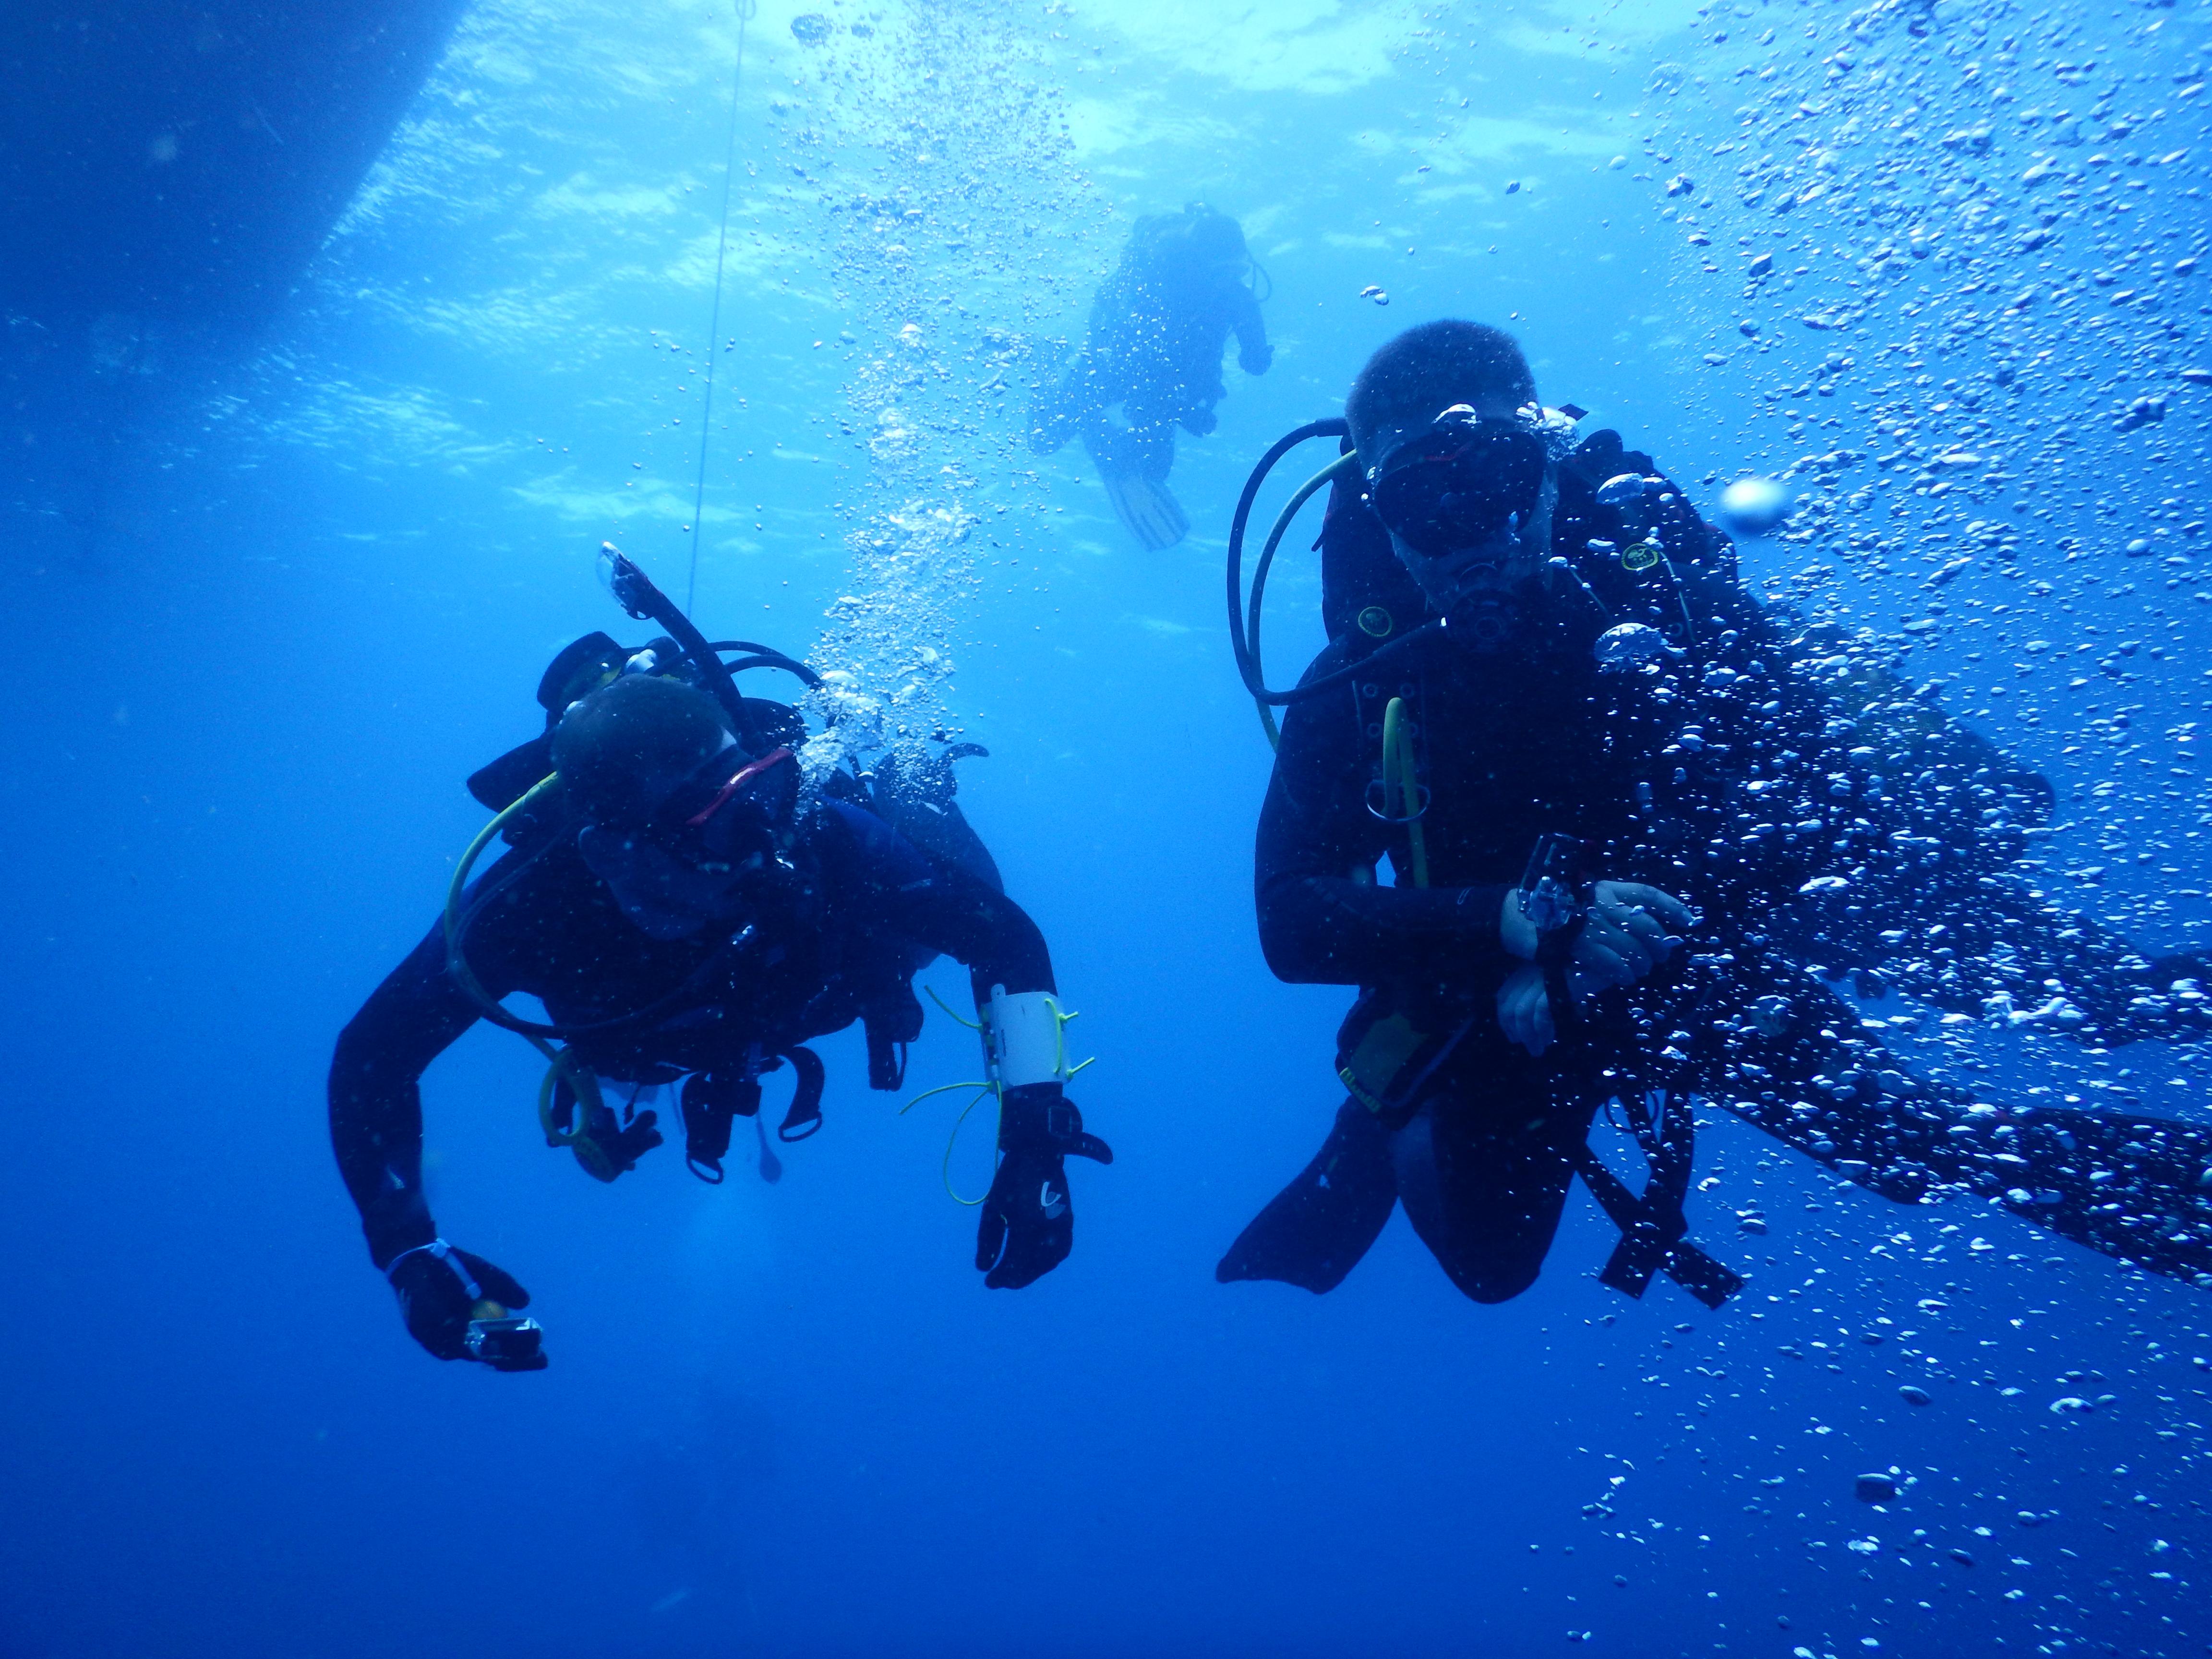 żeglowanie i nurkowanie nakatamaranie